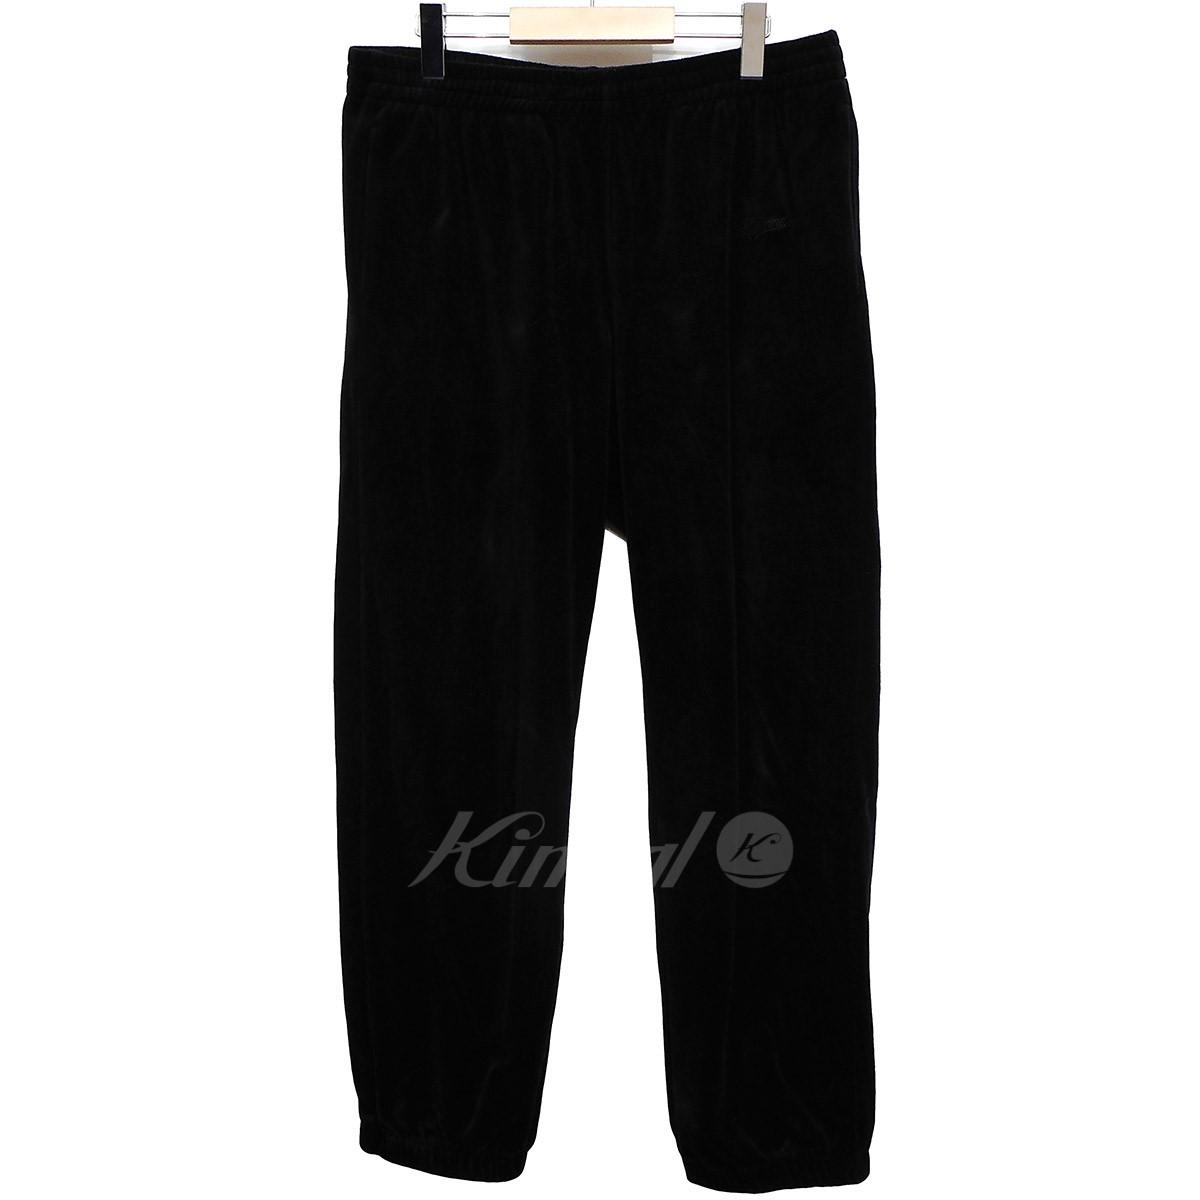 【中古】SUPREME 17AW Velour Warm Up Pant 【送料無料】 【002029】 【KIND1550】